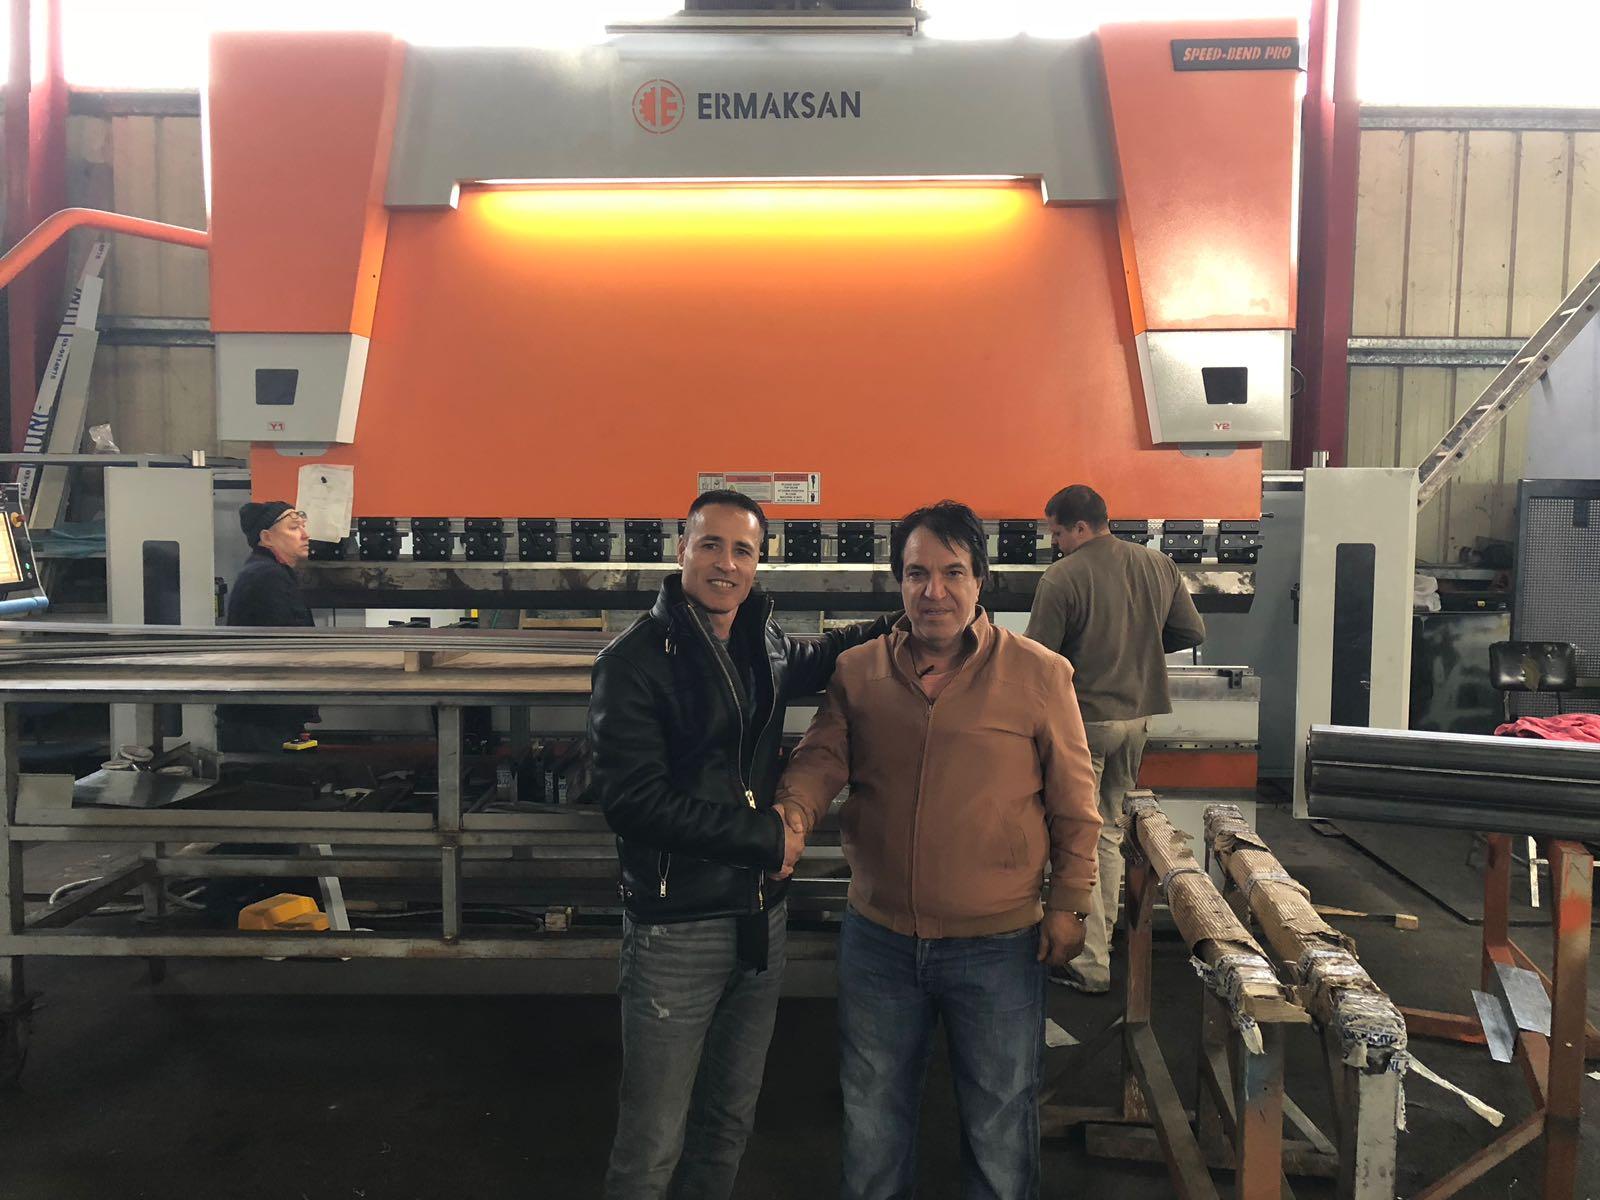 רומאל מפעלי מתכת - מכונה חדשה